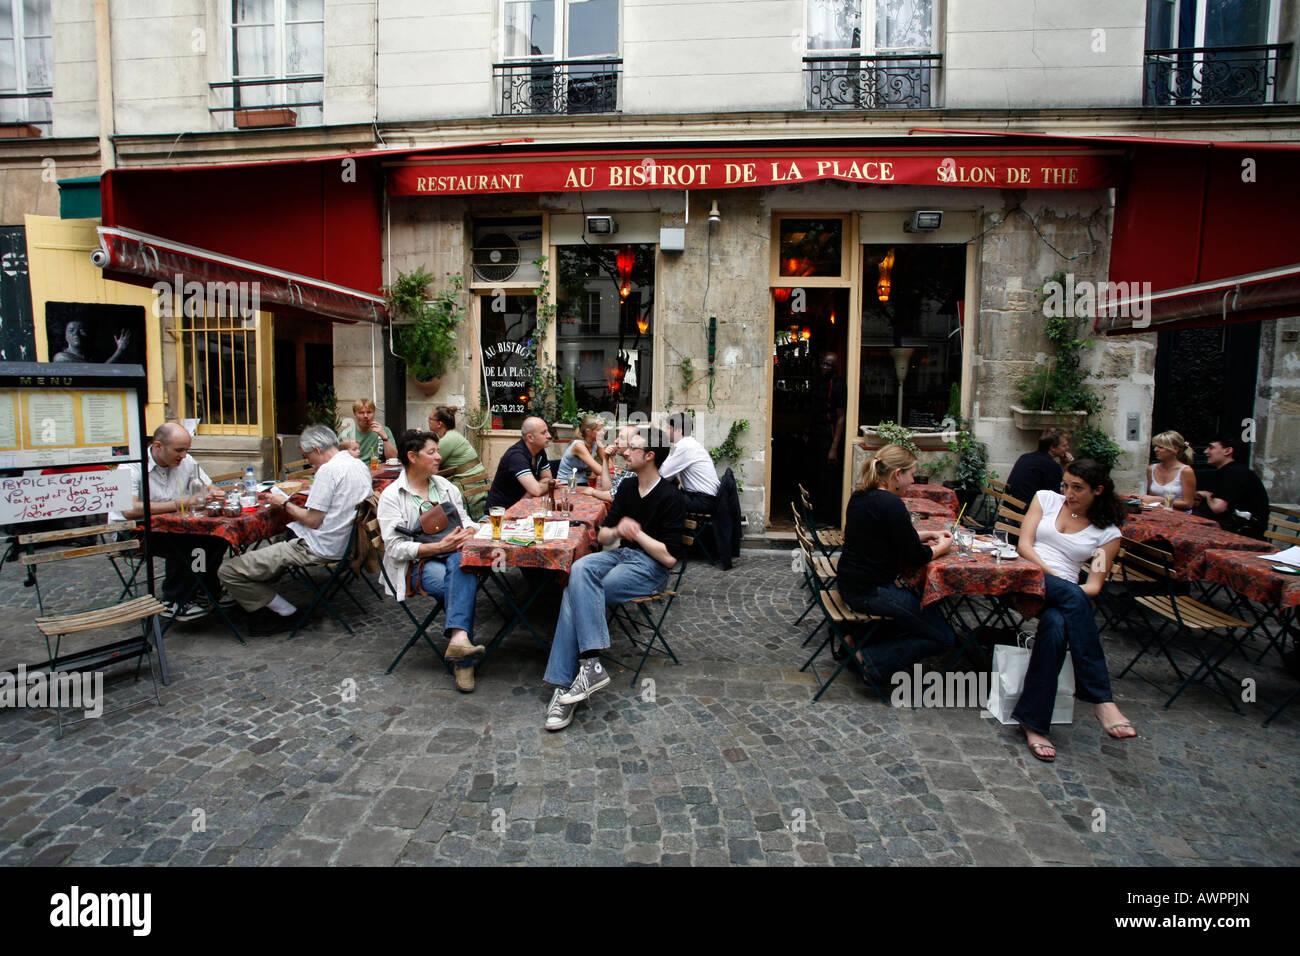 Bistrot de la Place du Marché Sainte-Catherine, Quartier Marais, Paris, France, Europe - Stock Image